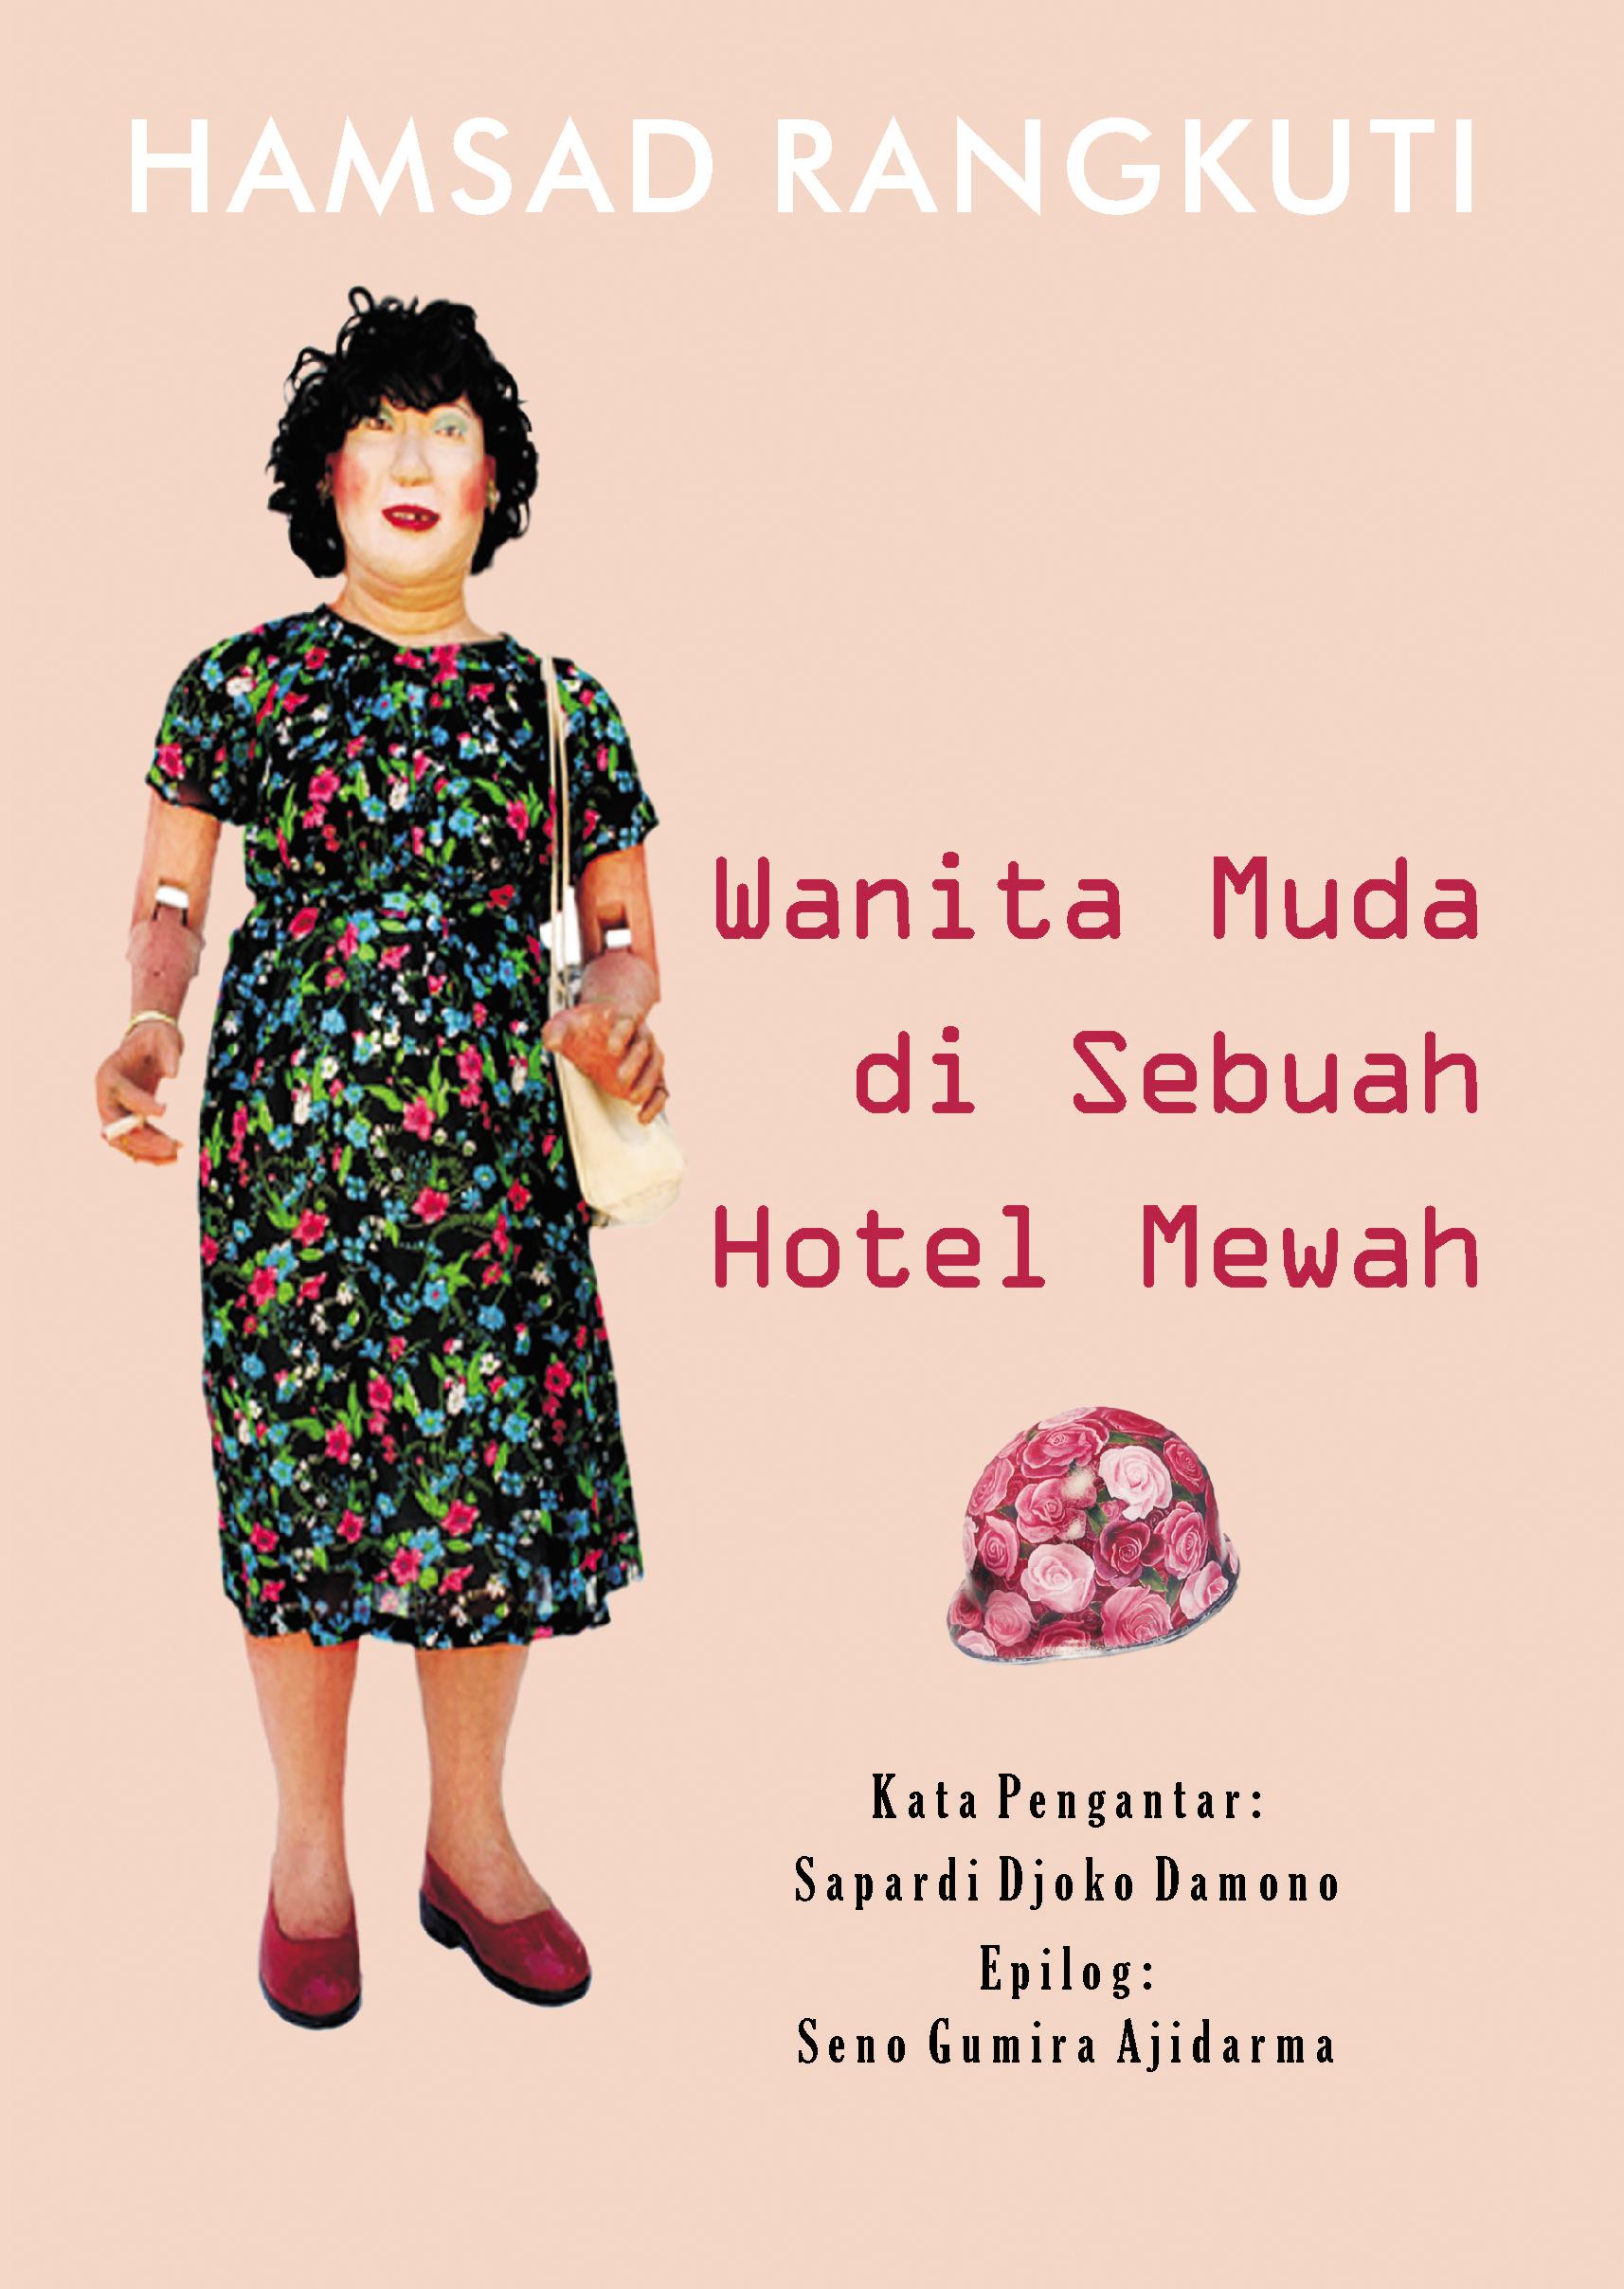 wanita-muda-di-sebuah-hotel-mewah-fb